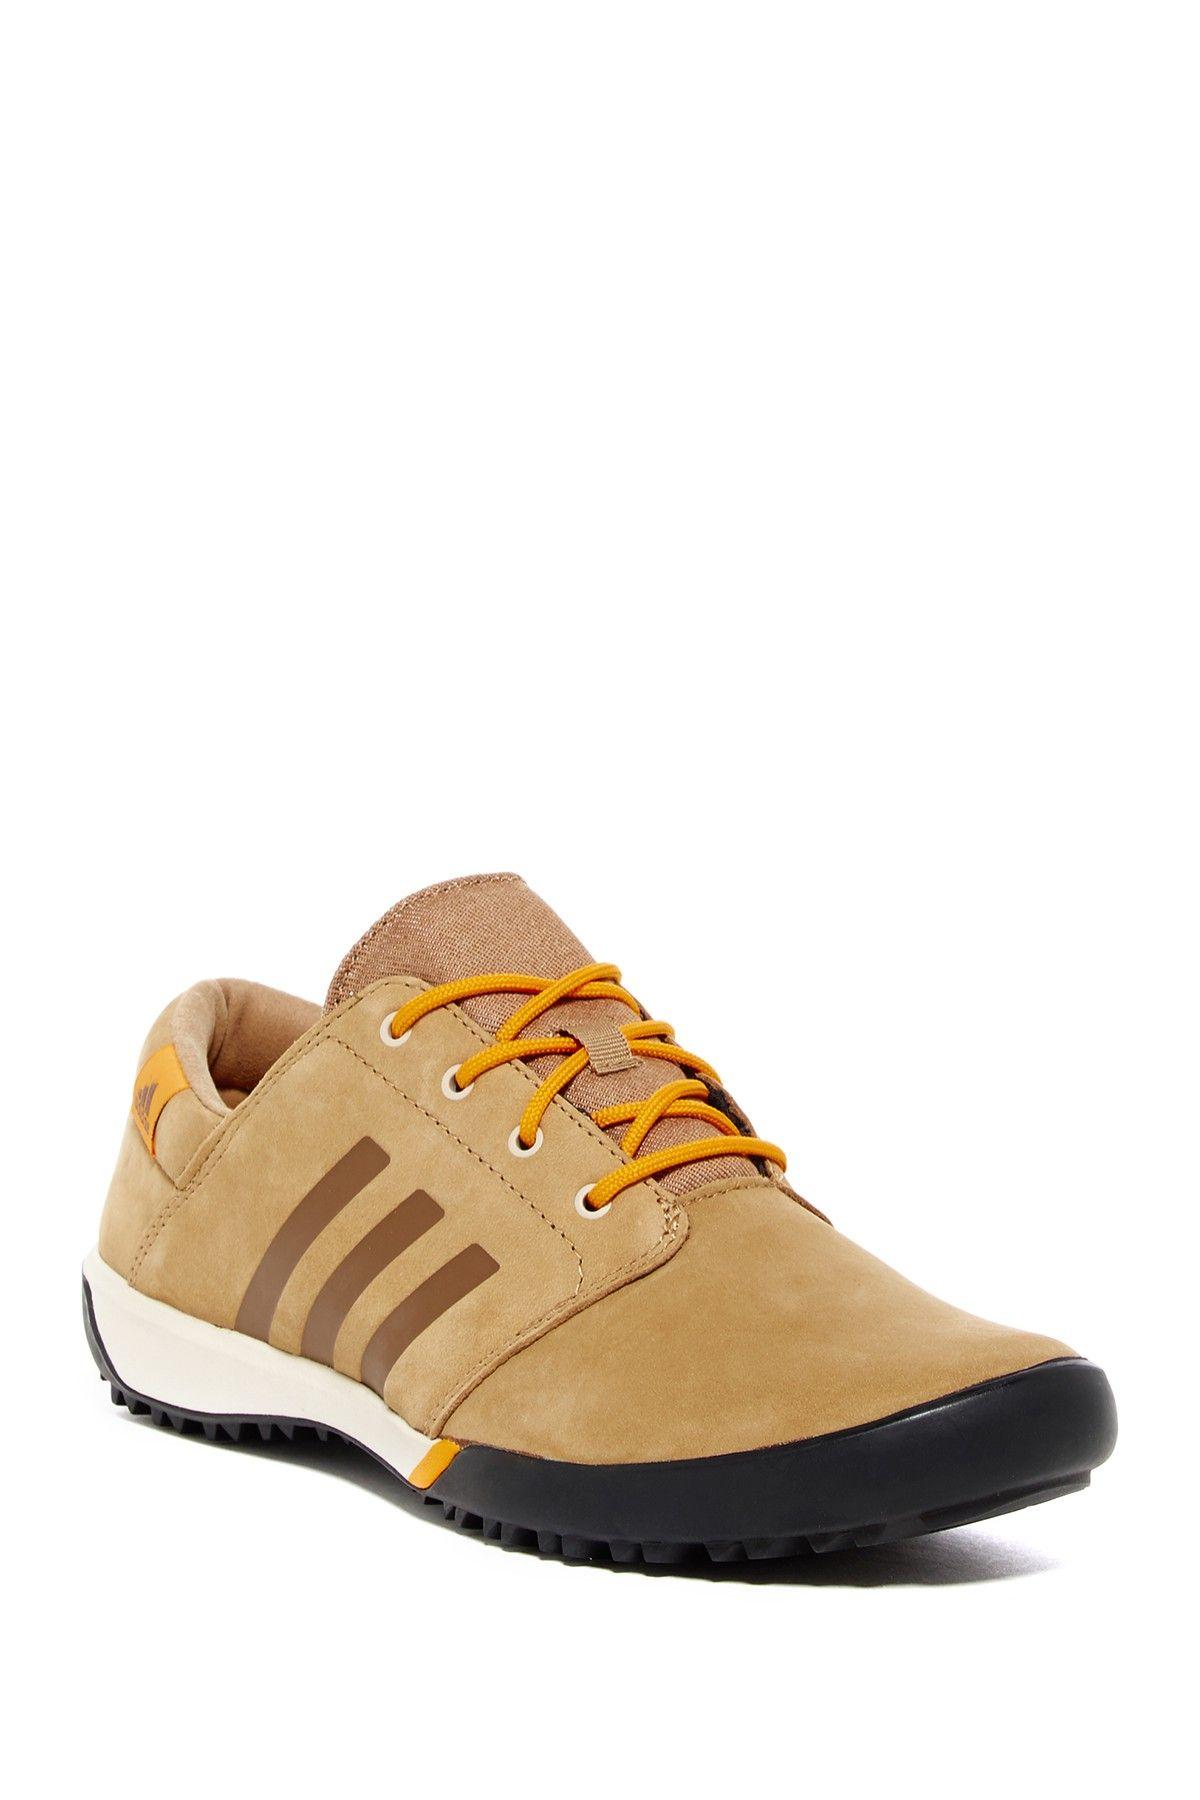 Daroga eleganti scarpe adidas daroga prodotti e prodotti daroga 3a489e